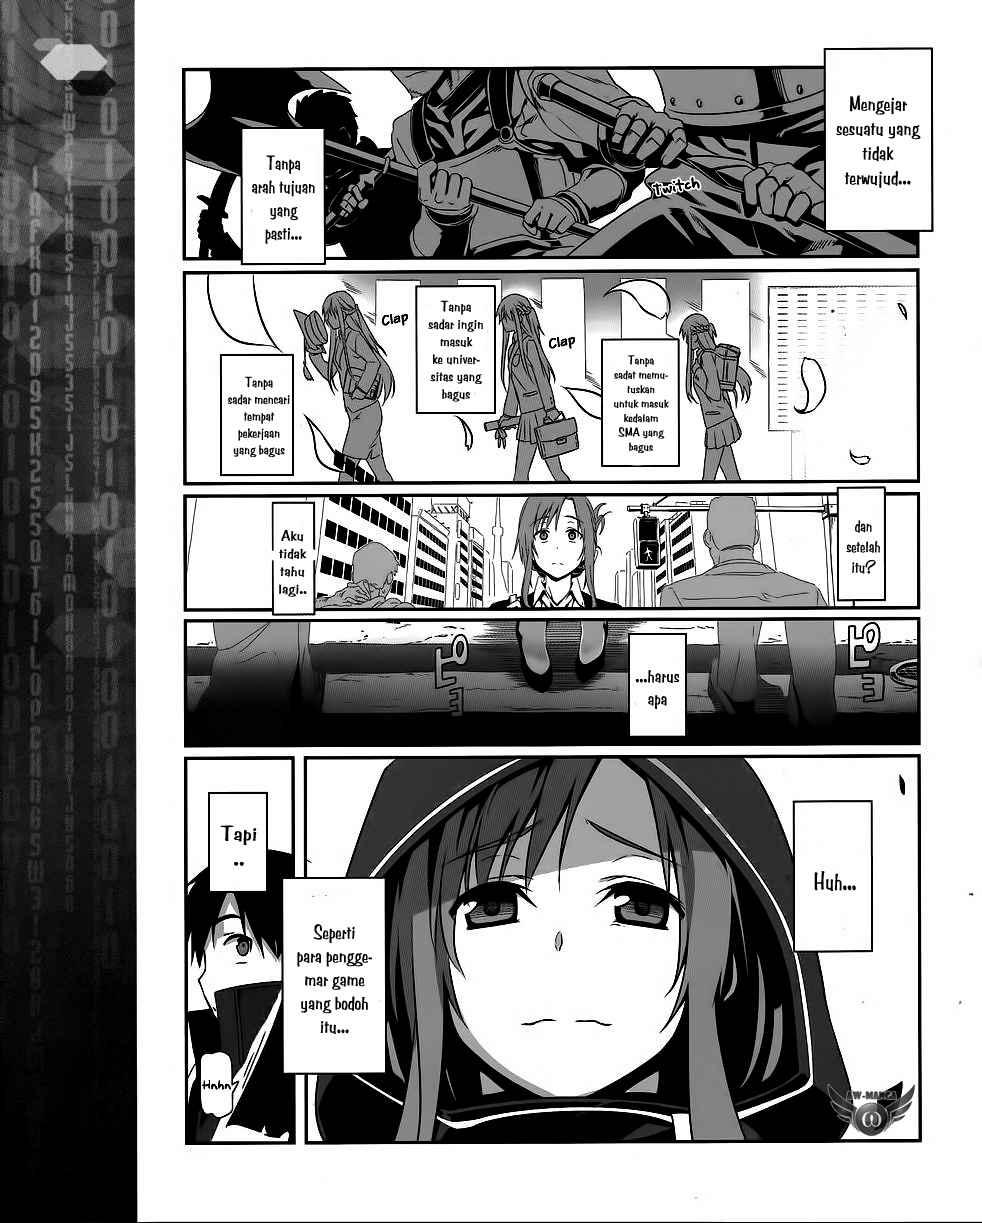 Komik sword art online progressive 002 - lebih cepat dari siapapun 3 Indonesia sword art online progressive 002 - lebih cepat dari siapapun Terbaru 32|Baca Manga Komik Indonesia|Mangacan